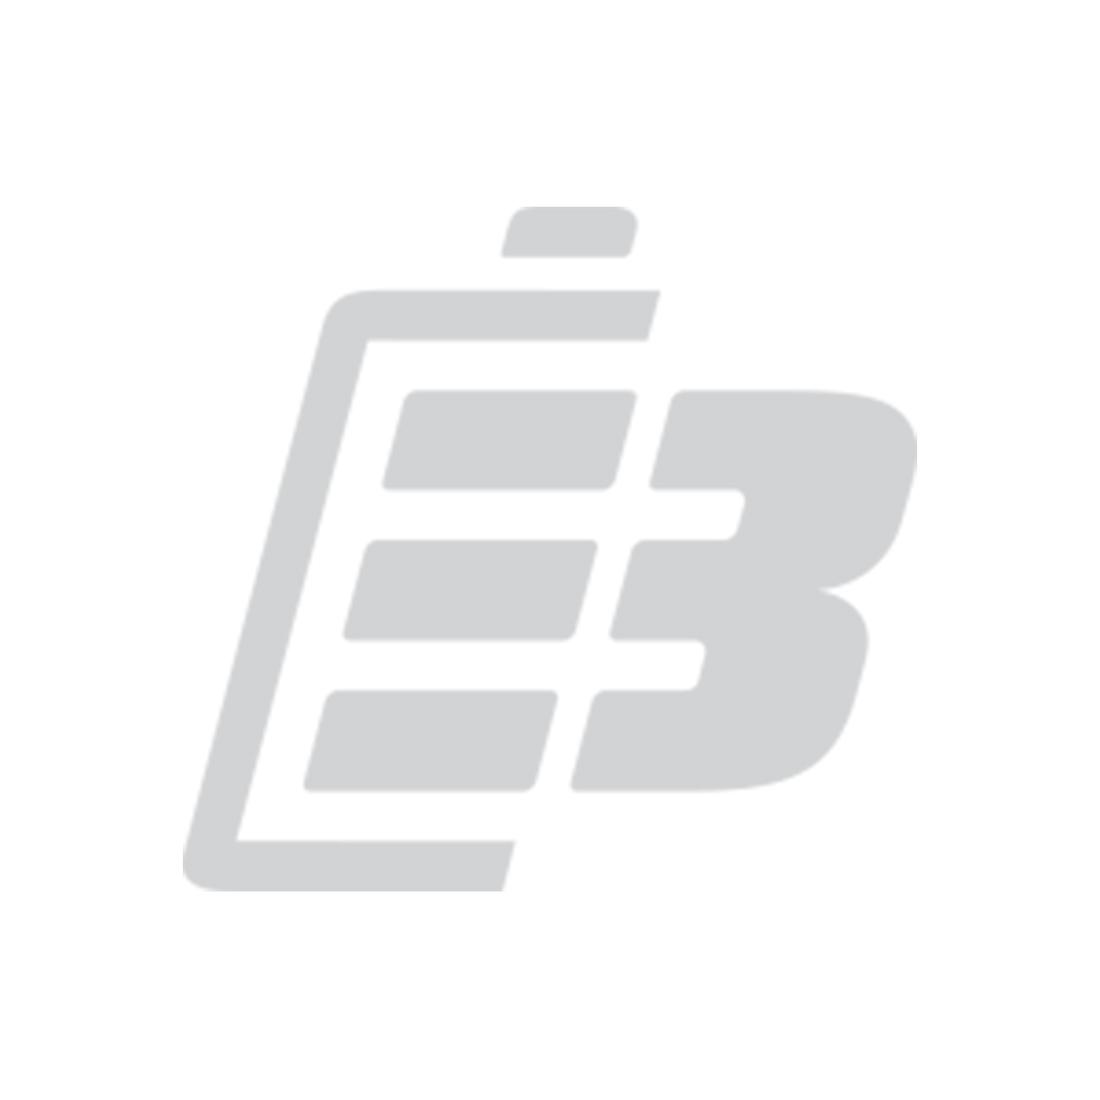 Μπαταρια Μολυβδου CSB HR1234W 12v 9ah 1